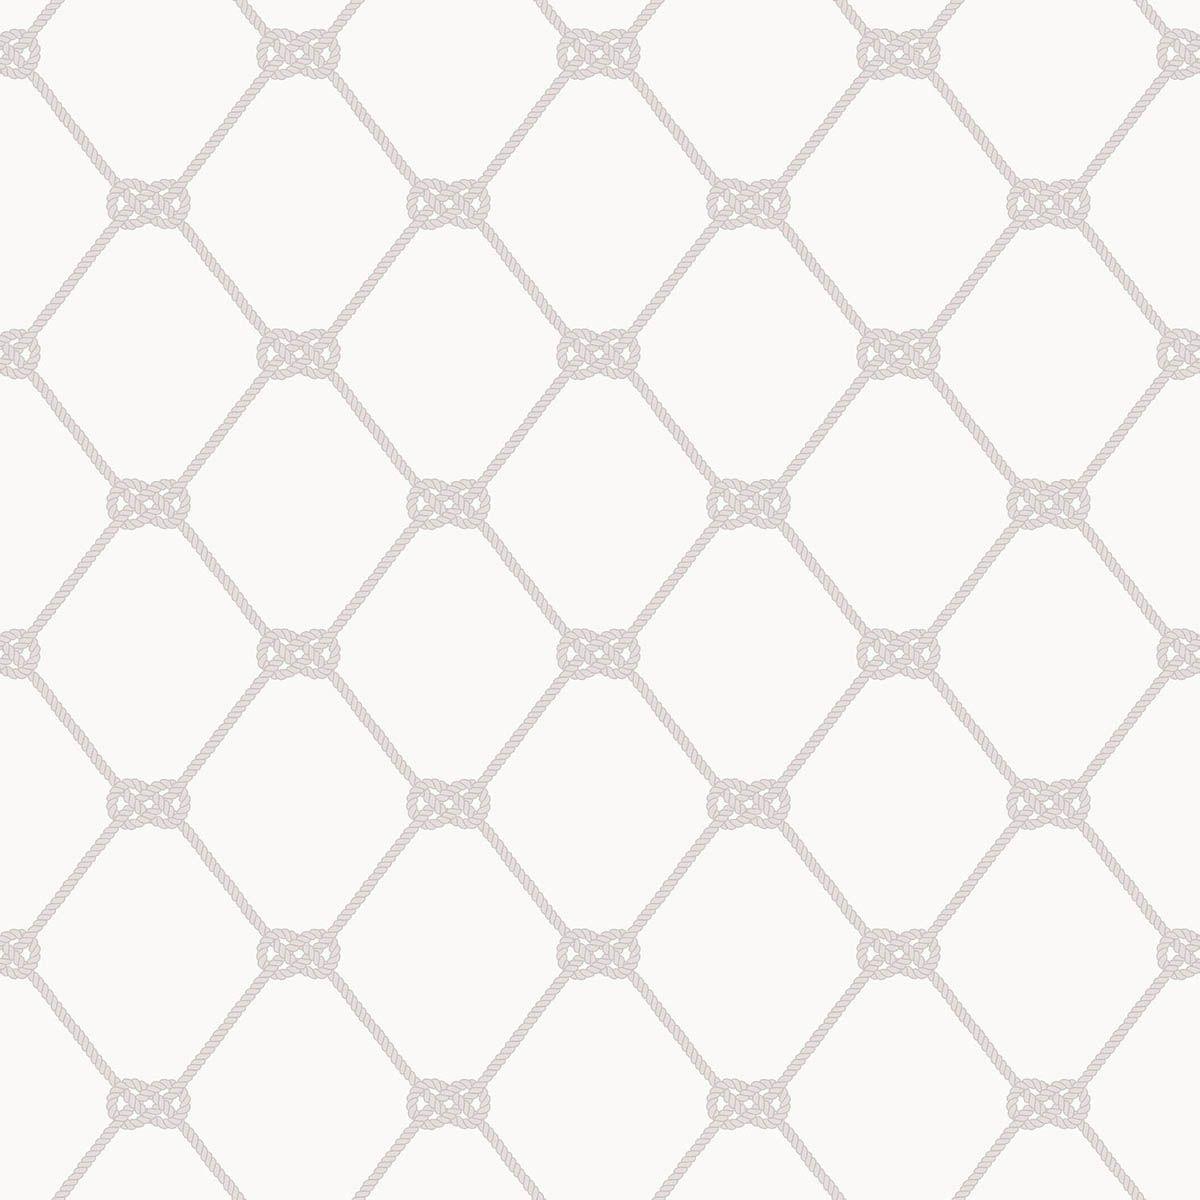 Papel de Parede Deauville 2 G23344 - Rolo: 10m x 0,53m